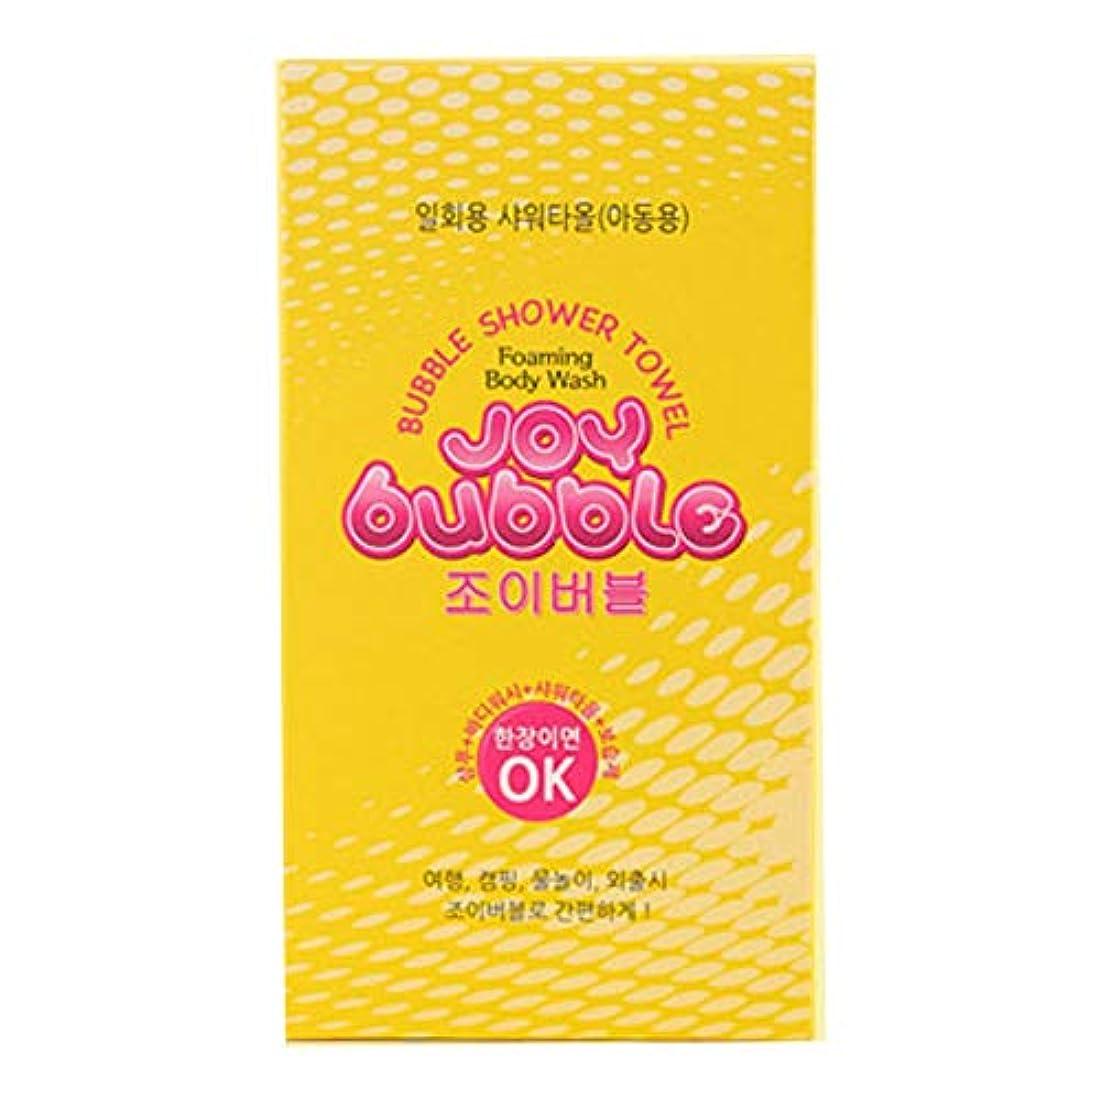 スタウト運賃ローブ[TSP-Korea] Joy Bubble - バブル シャワー タオル 旅行 旅 携帯 使い捨て シャワータオル(2 types)[並行輸入品] (子供用)